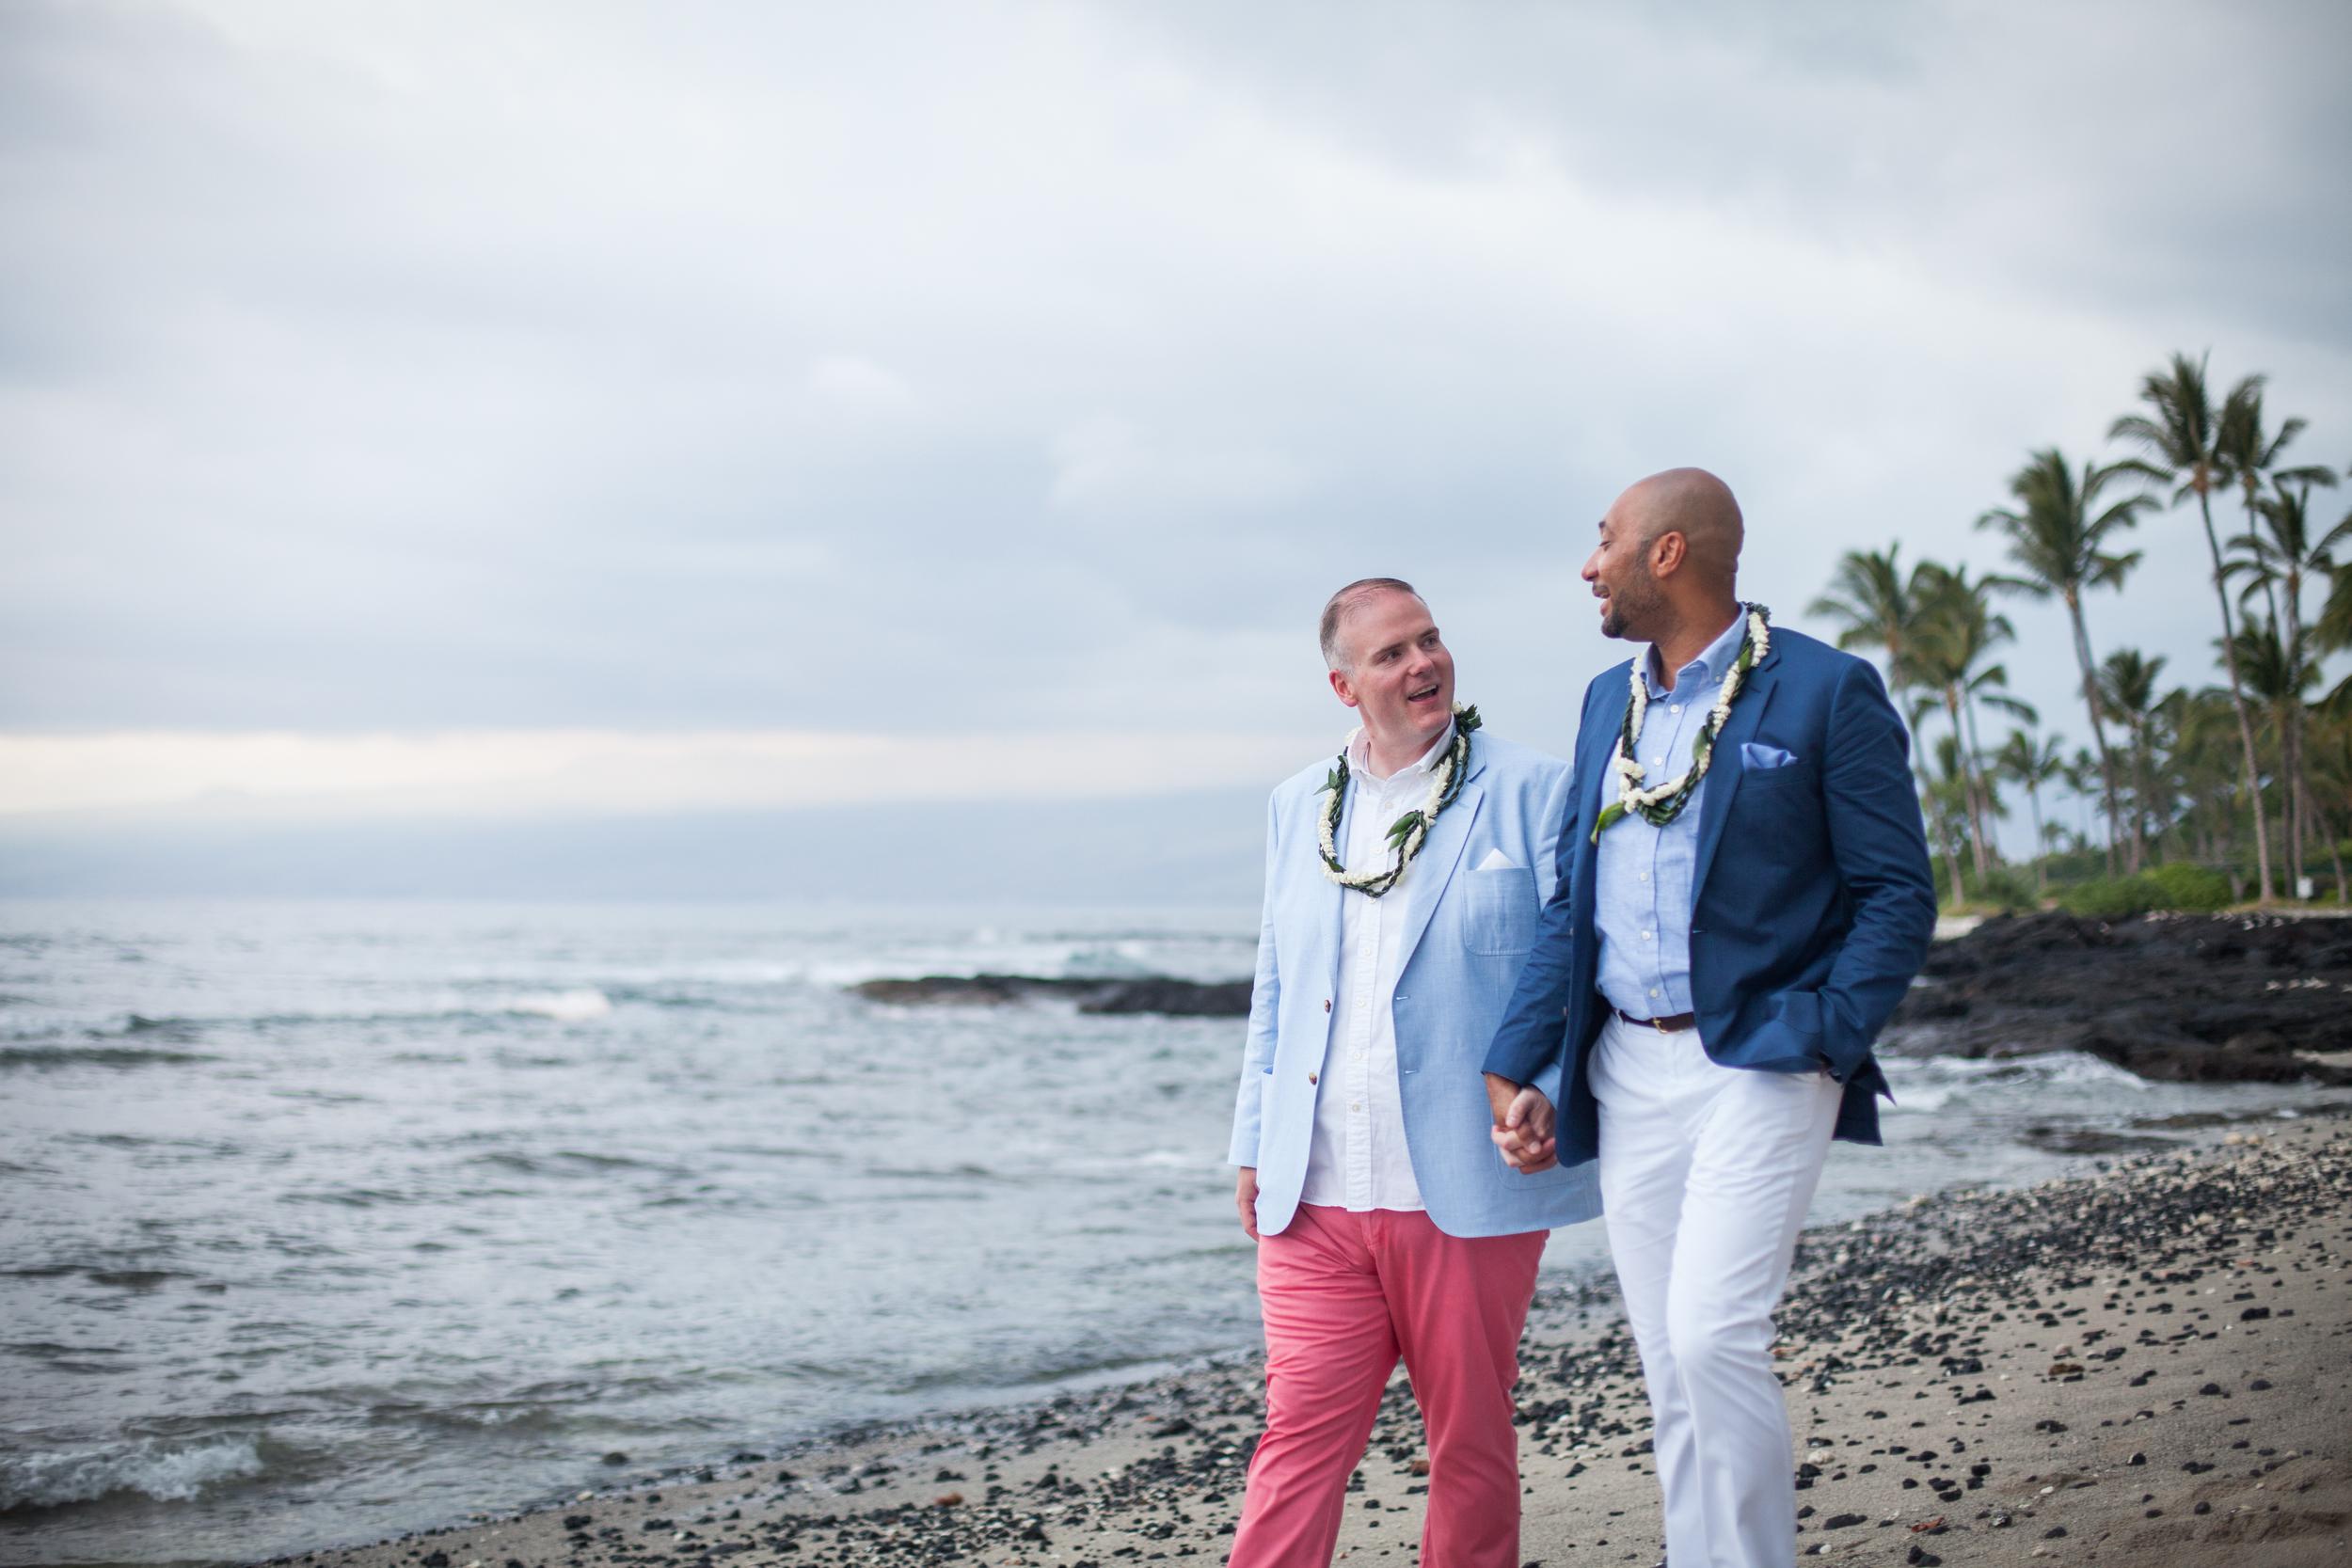 big island hawaii rmauna lani beach wedding © kelilina photography 20160601184632-3.jpg